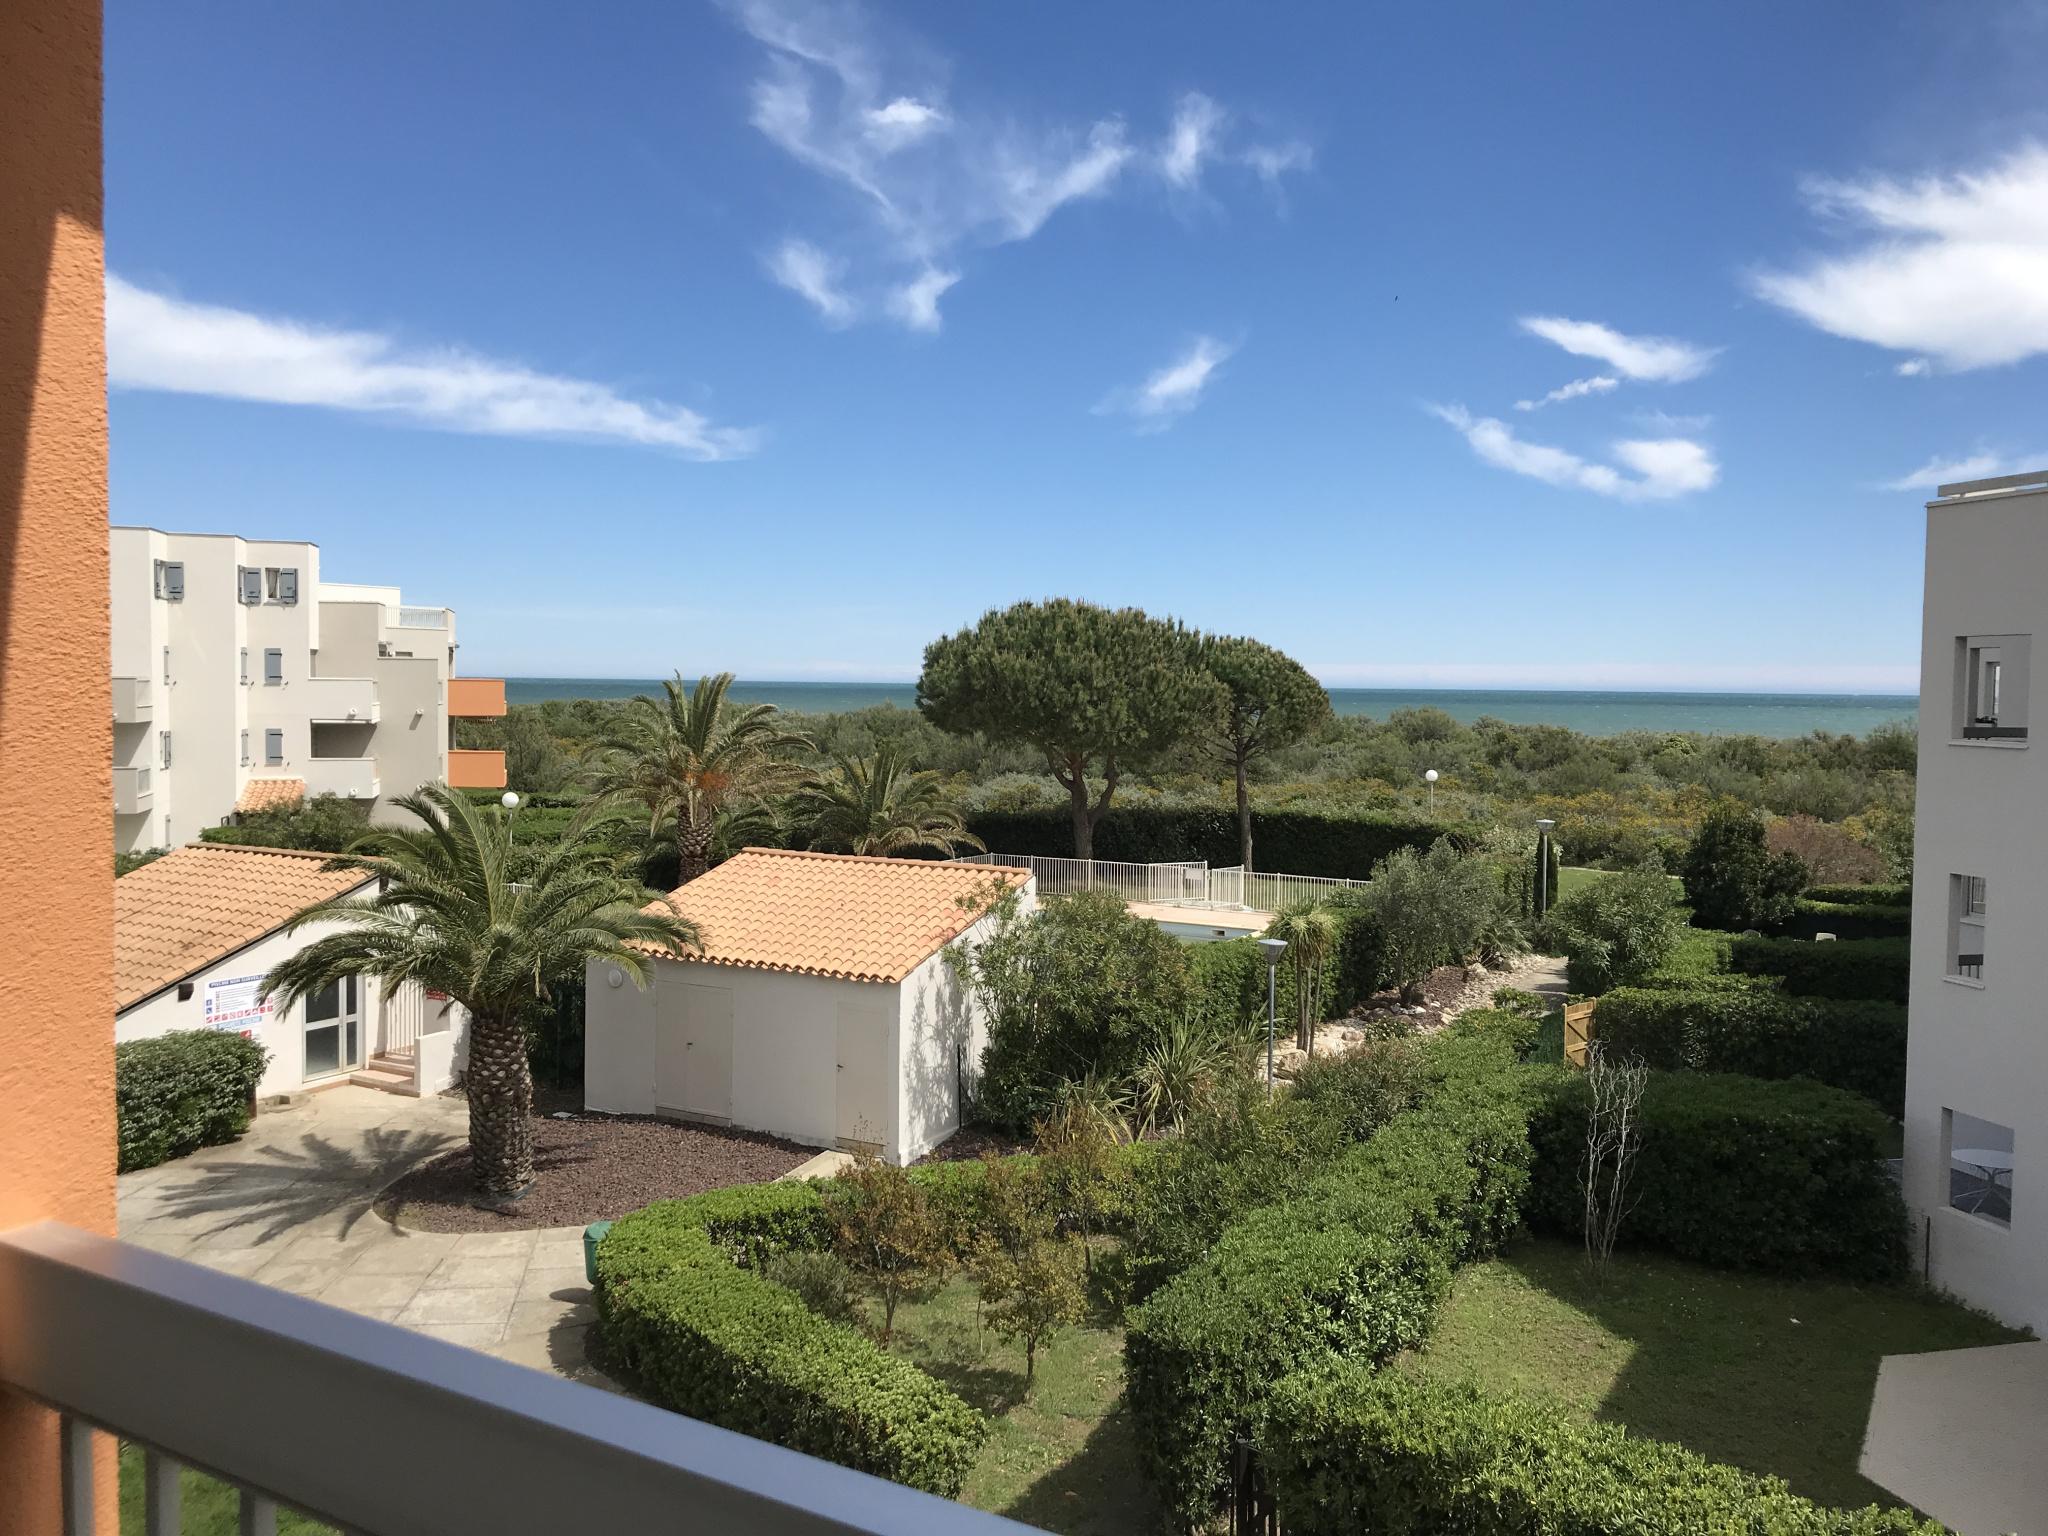 À vendre appartement de 36.46m2 à st cyprien plage (66750) - Photo 2'